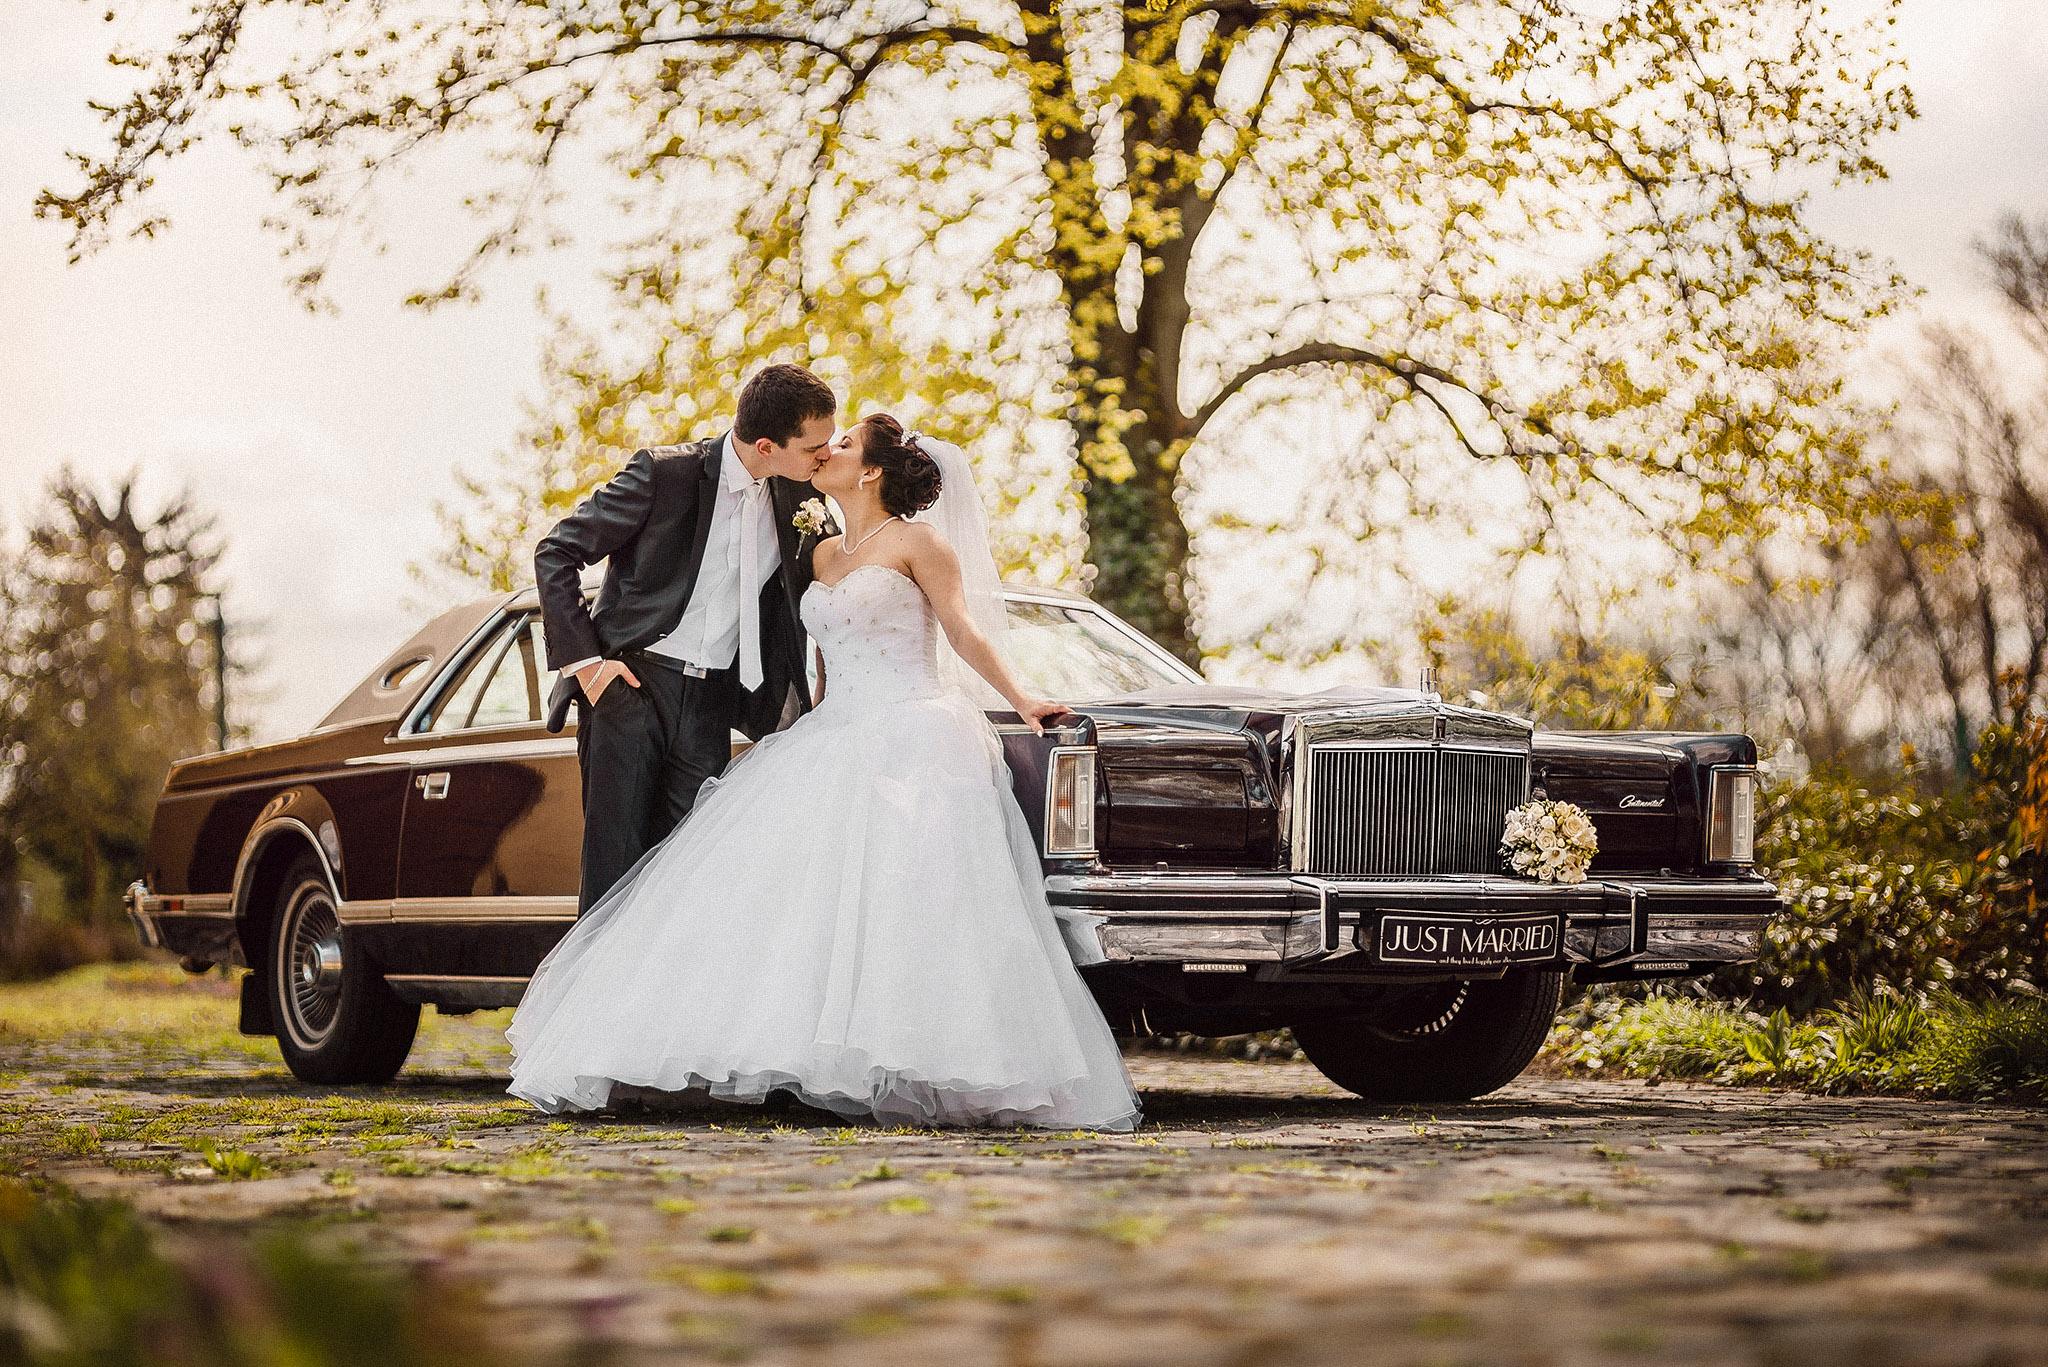 nevesta, ženích, šaty, svadobné auto, bozk, pusa